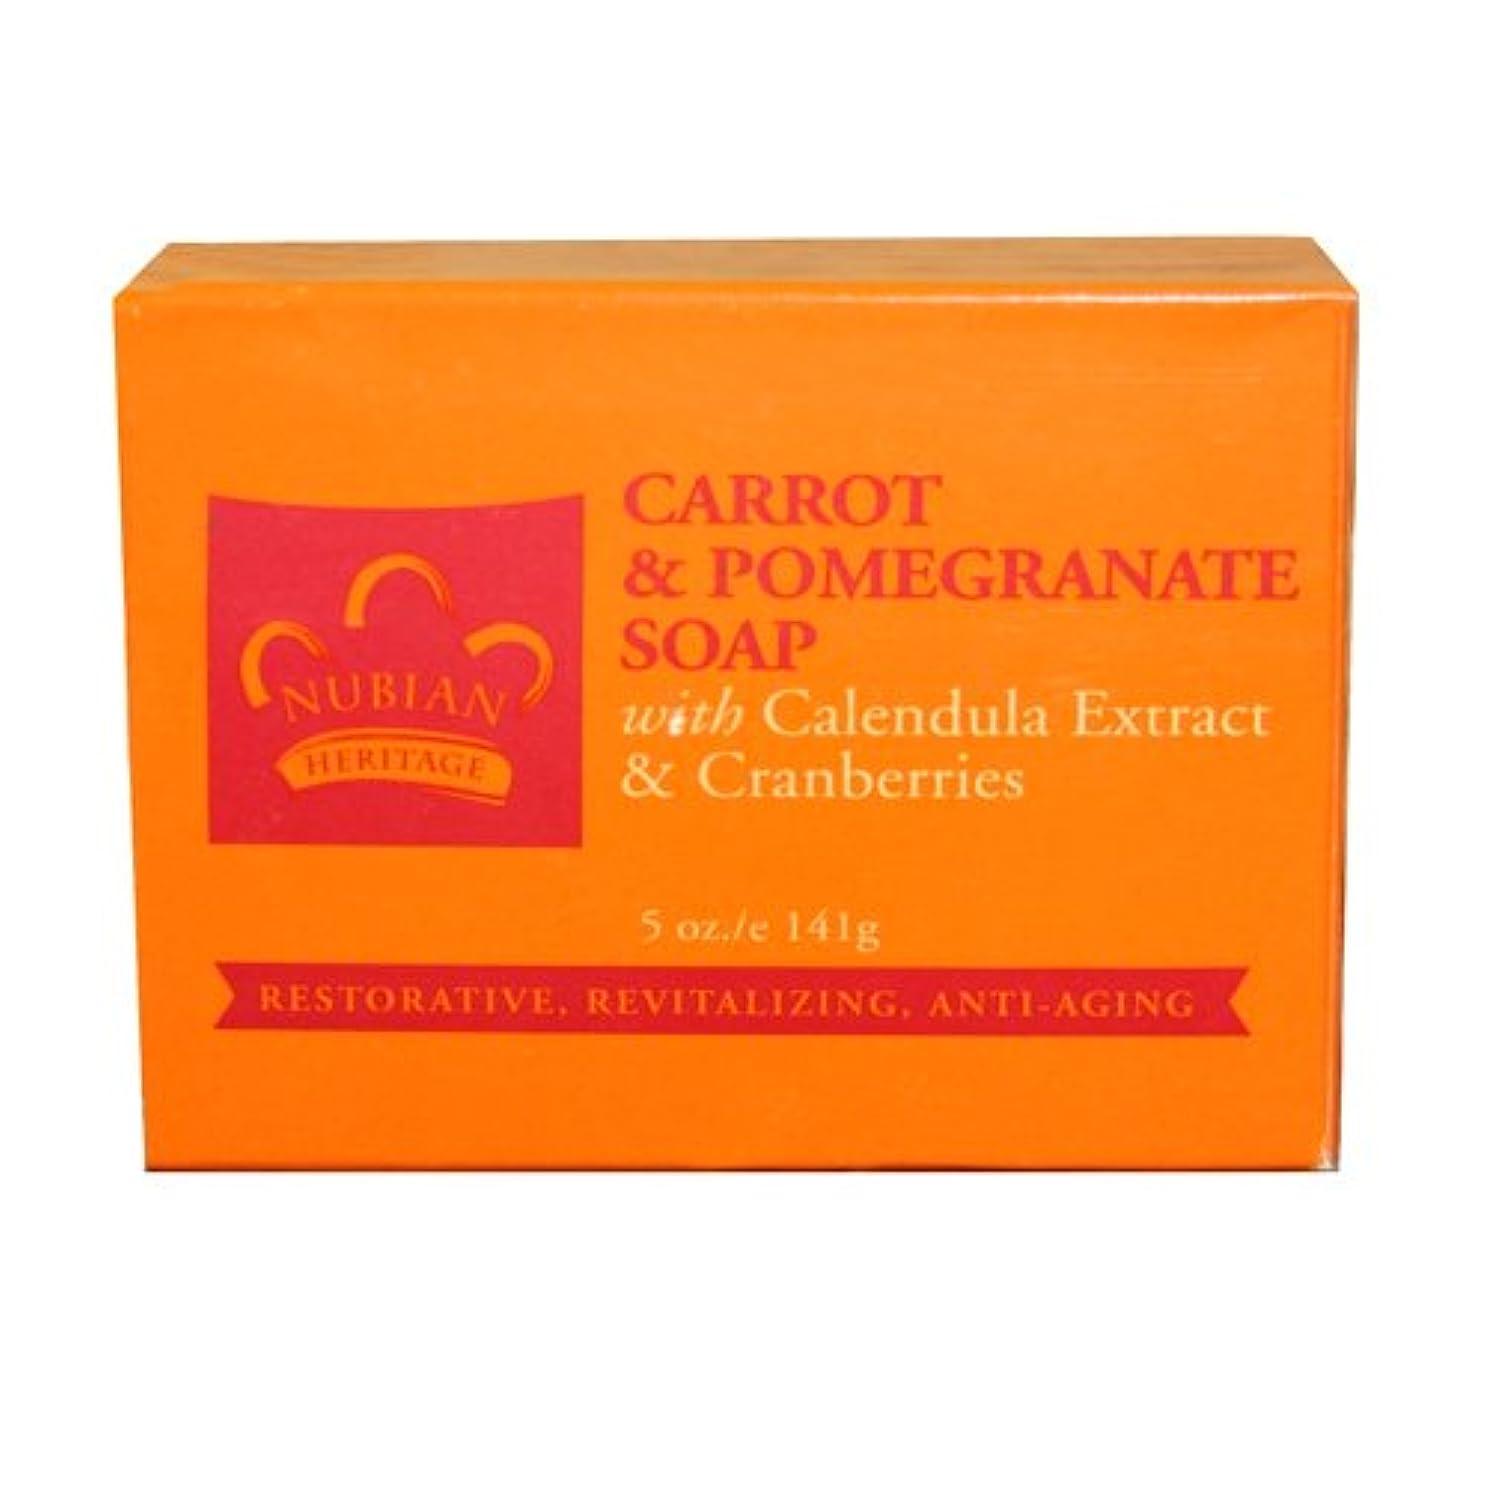 ウール三角スペース海外直送品Bar Soap, Carrot and Pomegranate 5 OZ by Nubian Heritage [ヘルスケア&ケア用品]